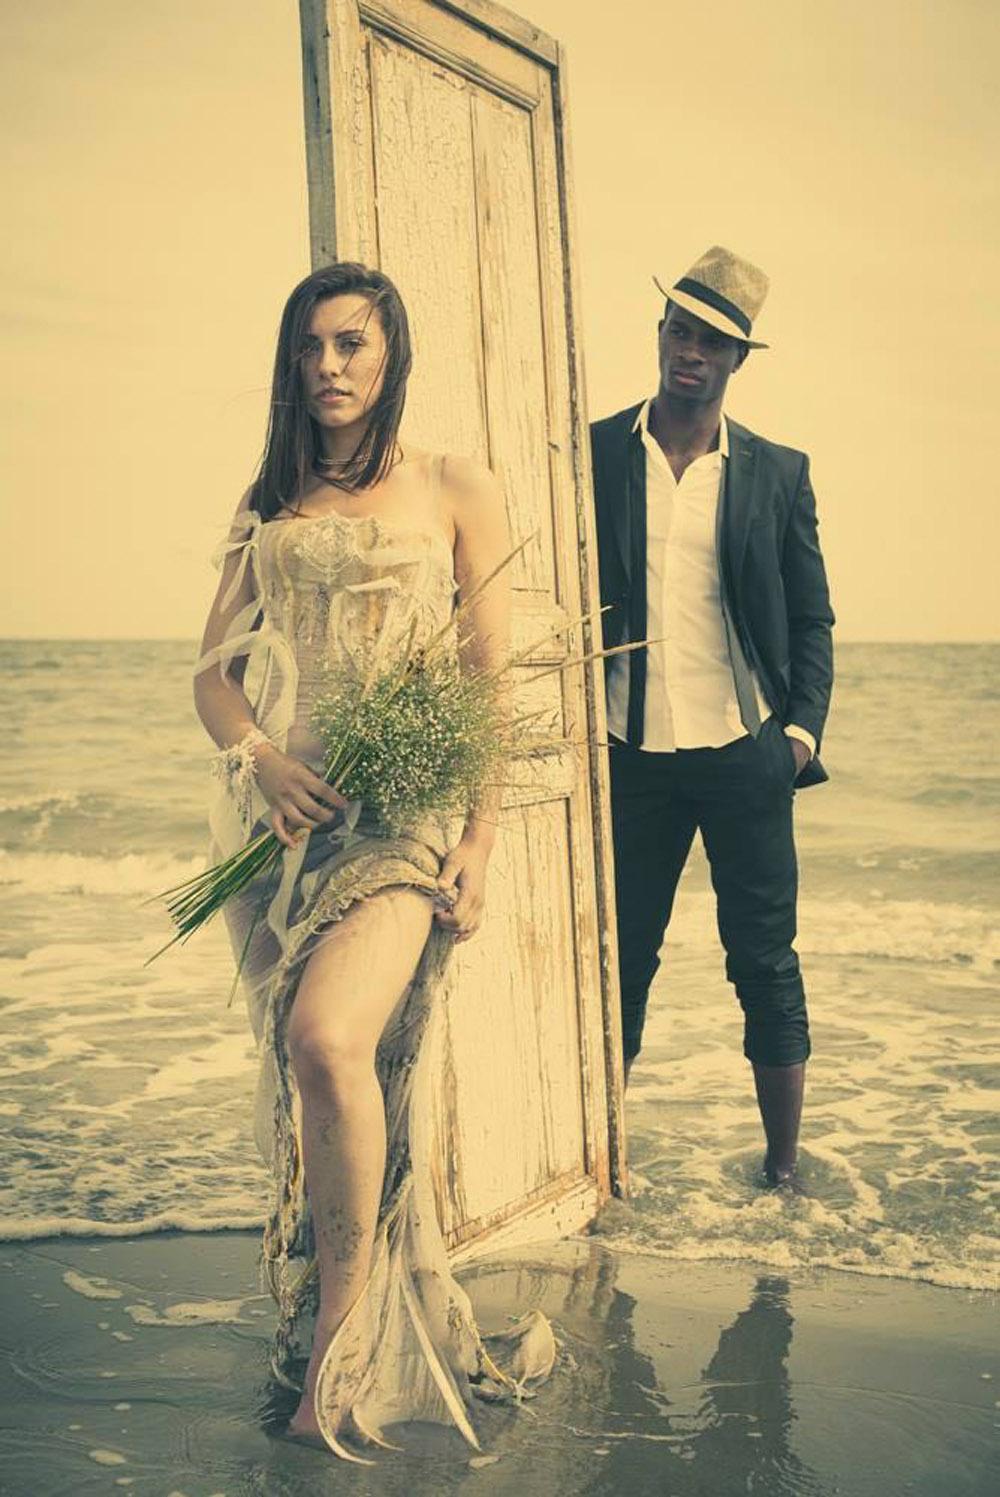 quiqui-lamothe-mariage-romantique-couple-provence-mederic-bleucitronprod-magali-junemann-arrosoir-de